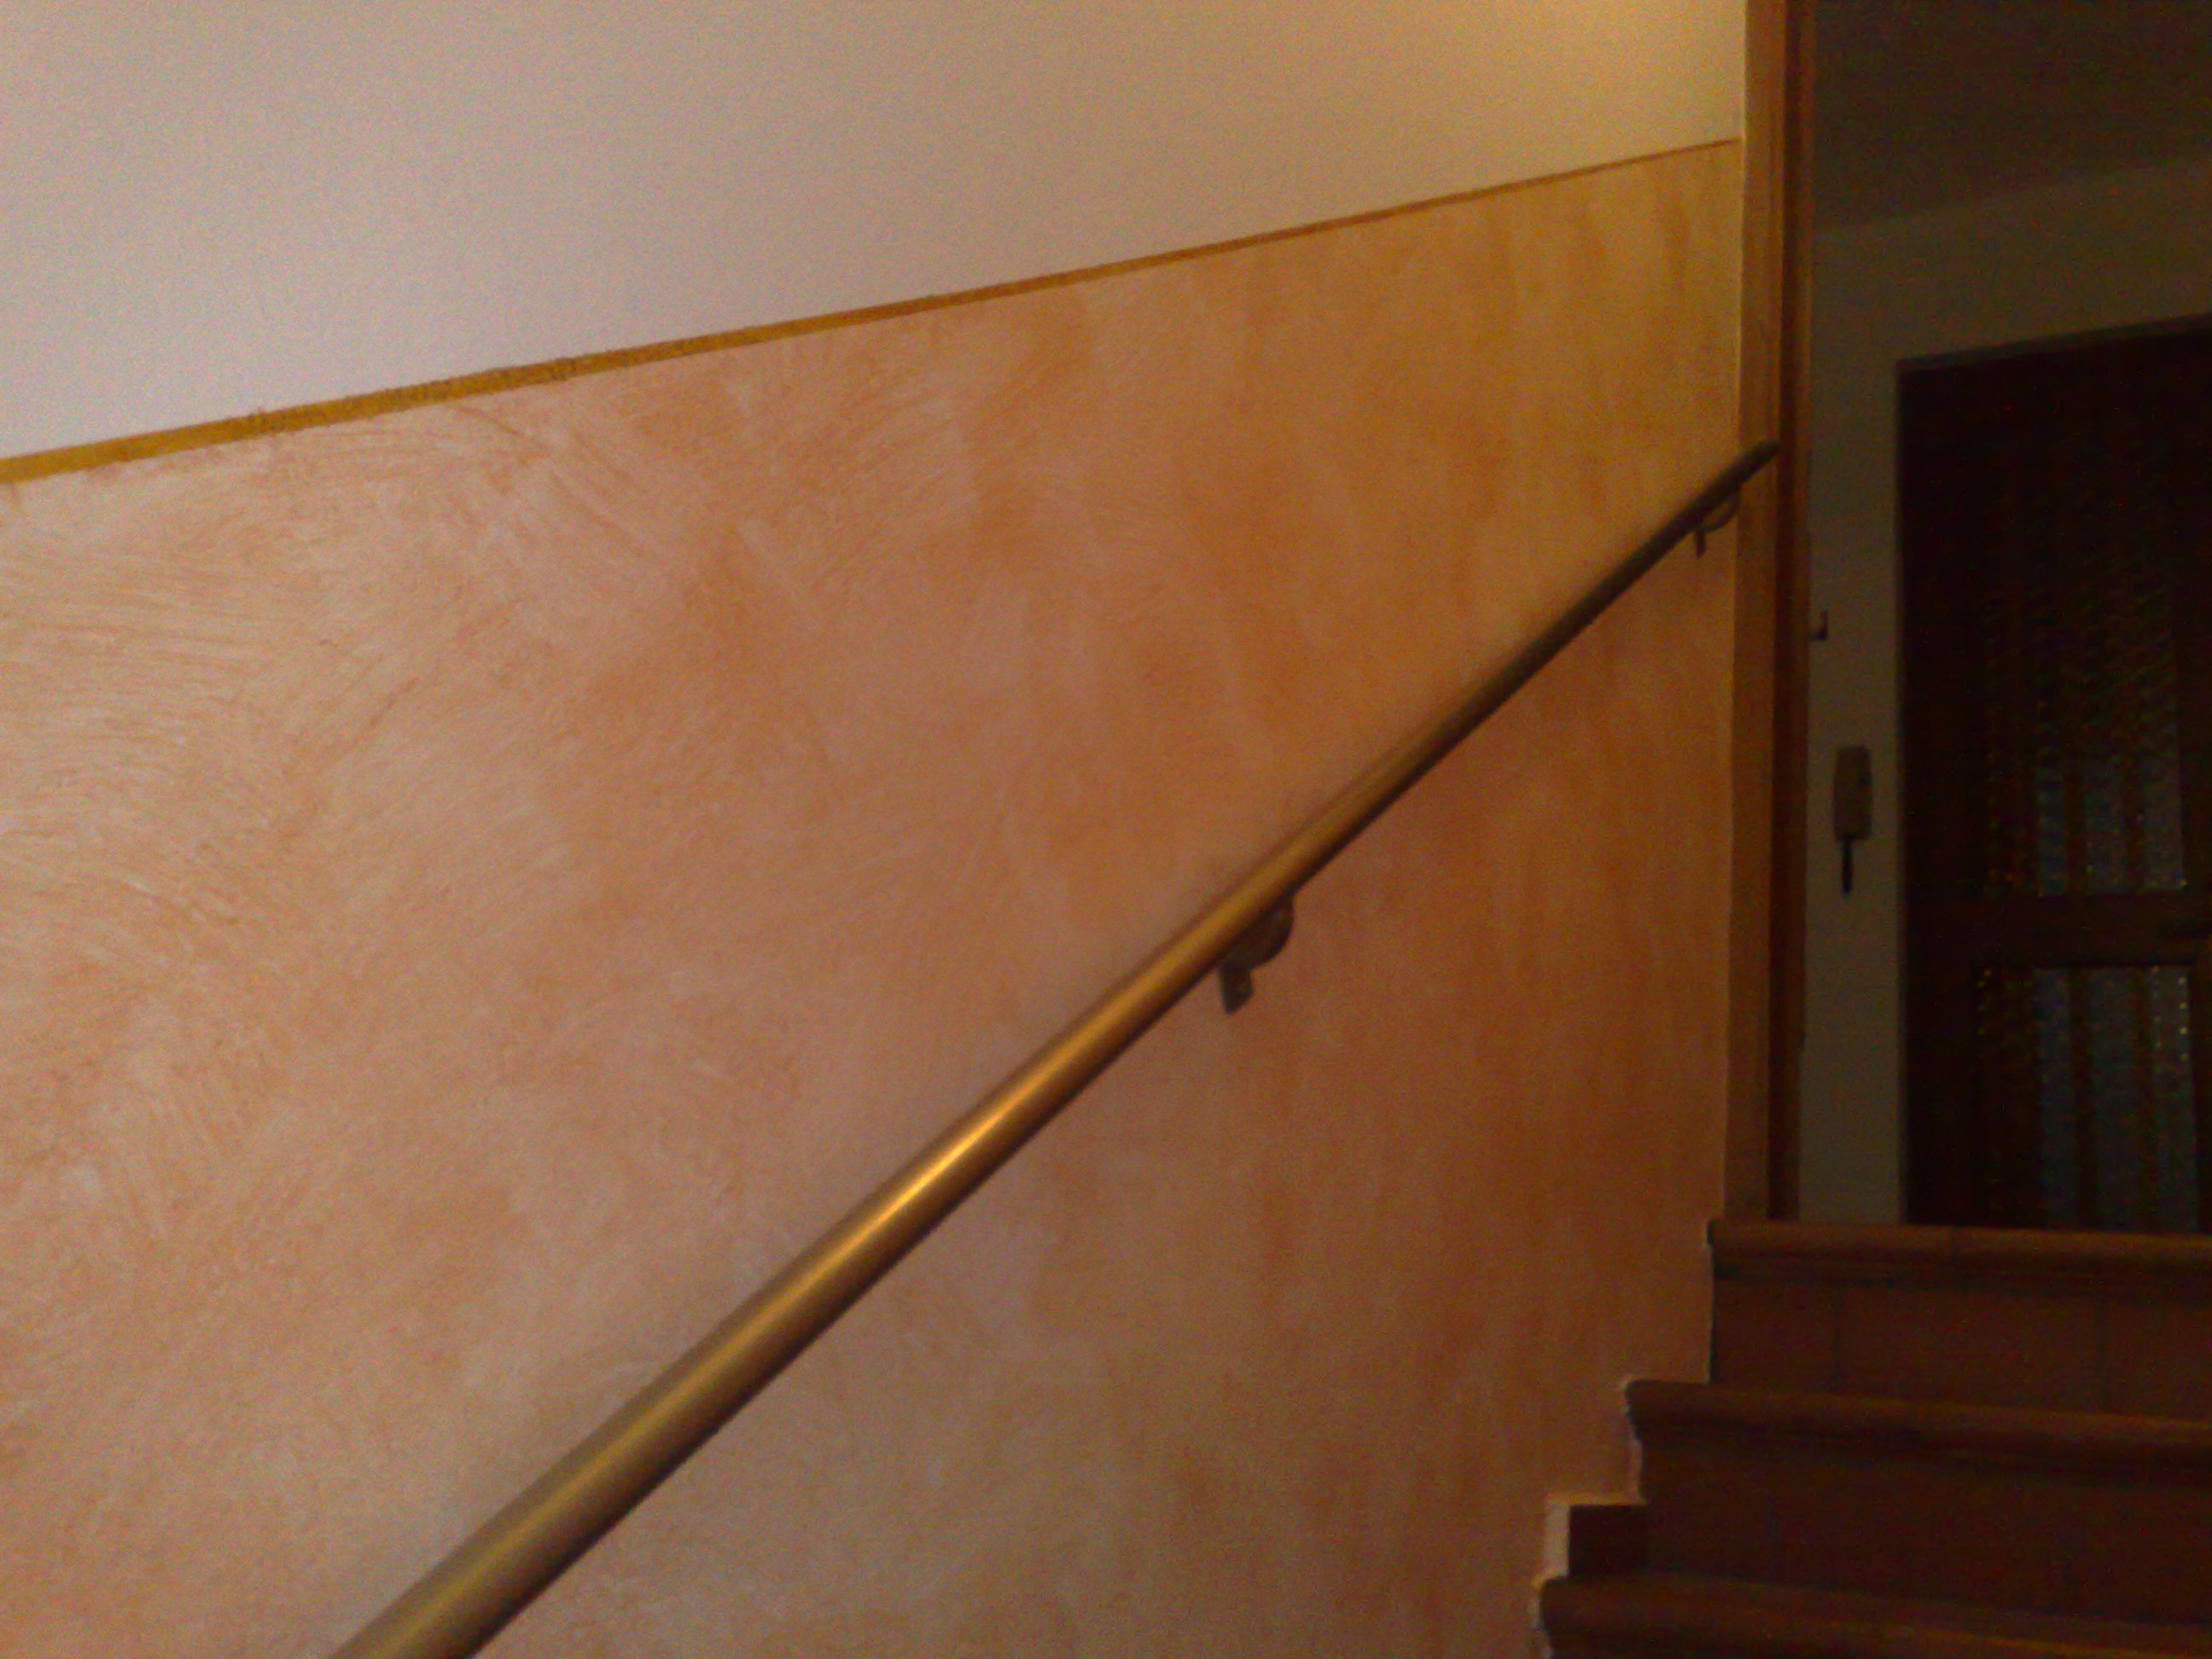 Decorazione geometrica oro e pittura effetto pennellato su corrimano